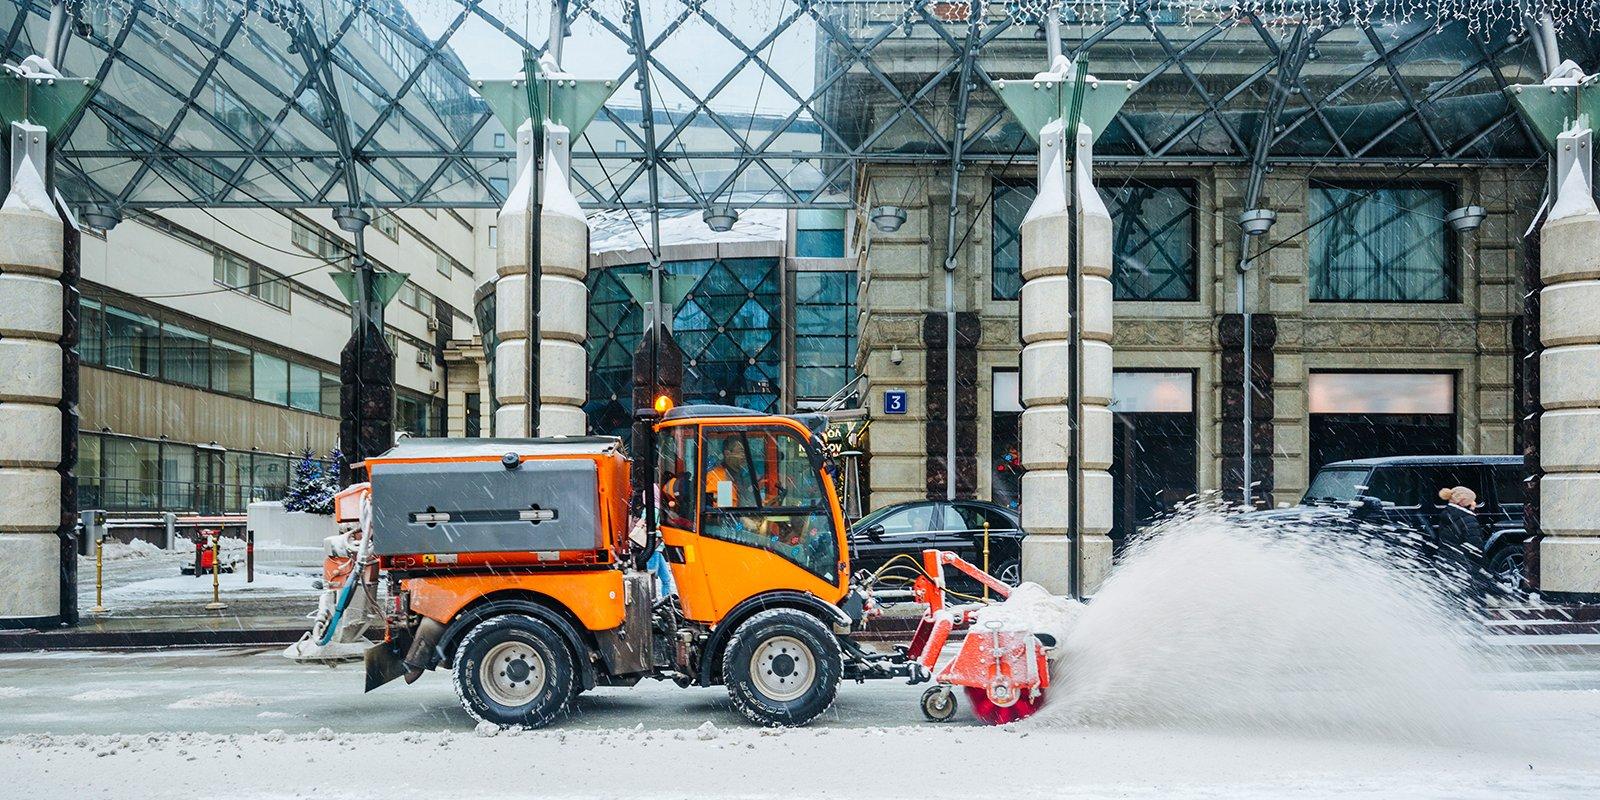 В Москве заработал оперативный штаб для координации городских служб в снегопад и морозы